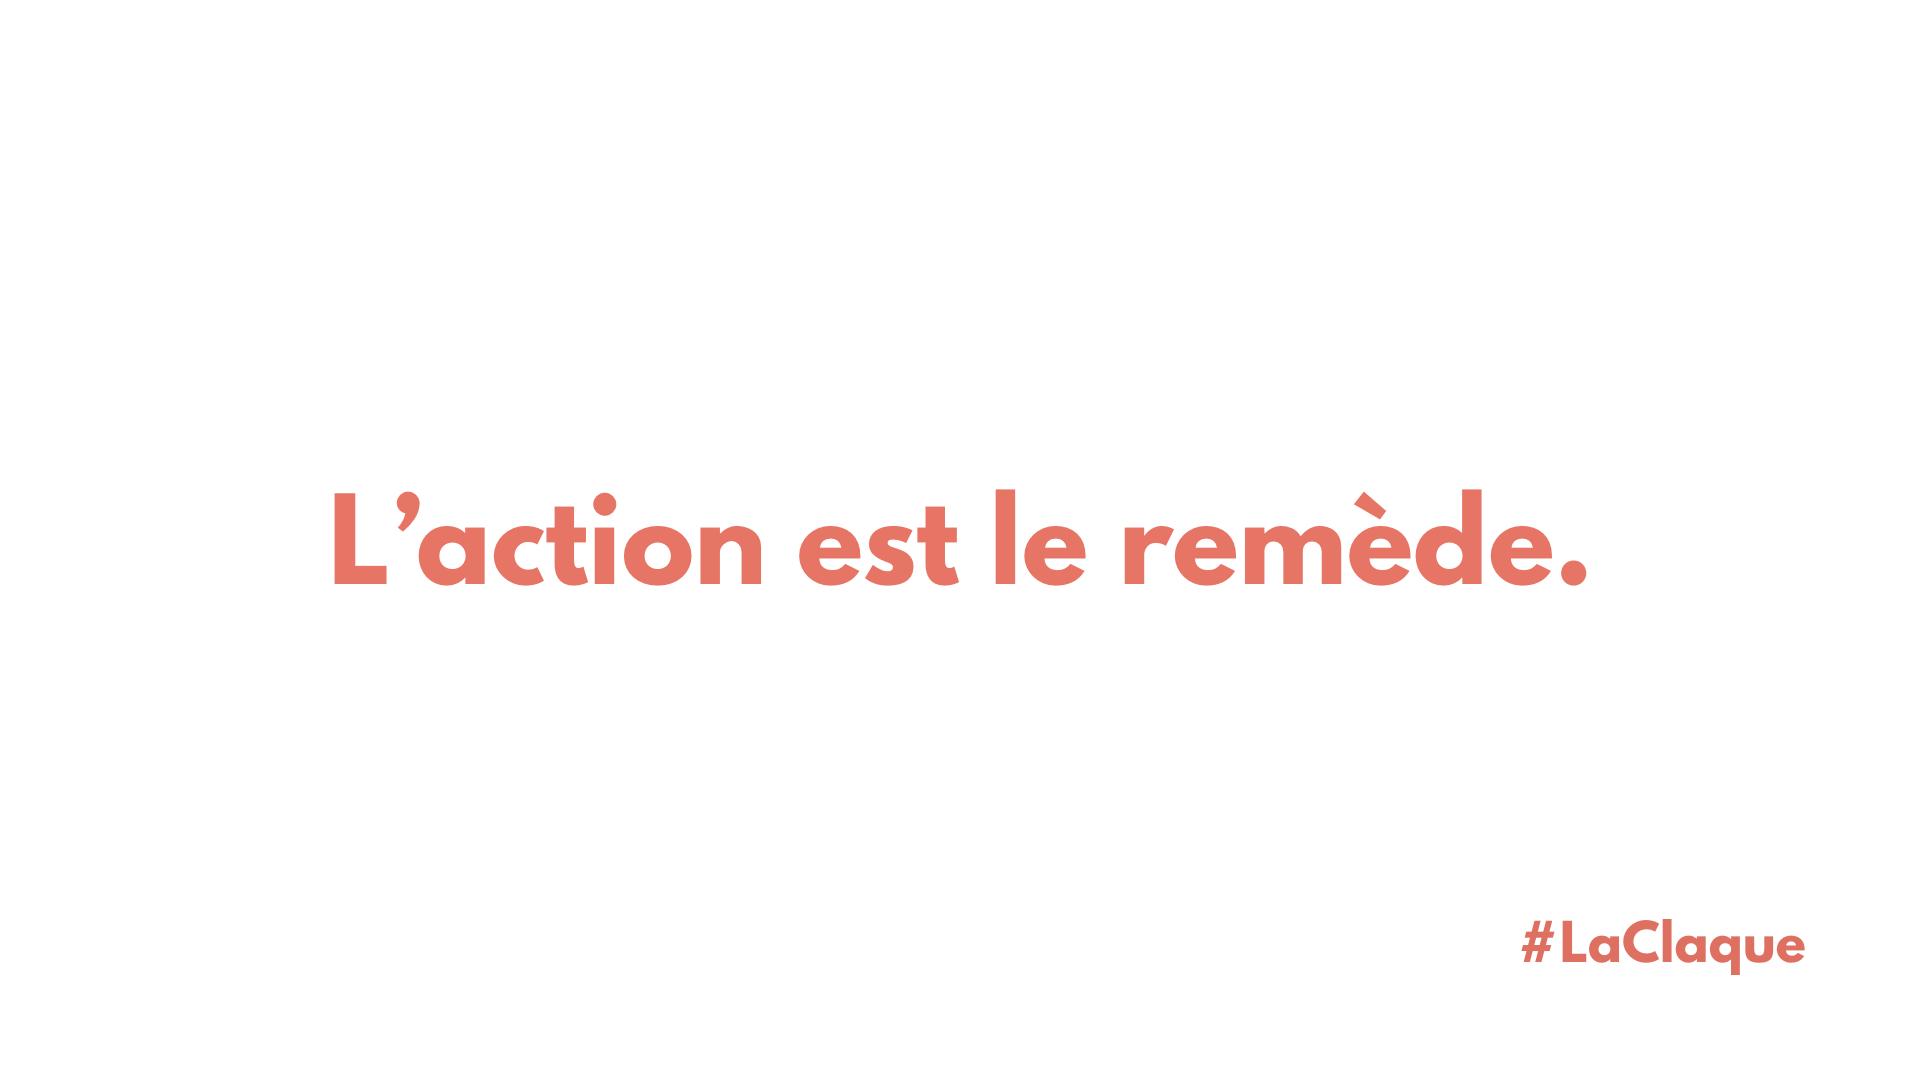 L'action est le remède.